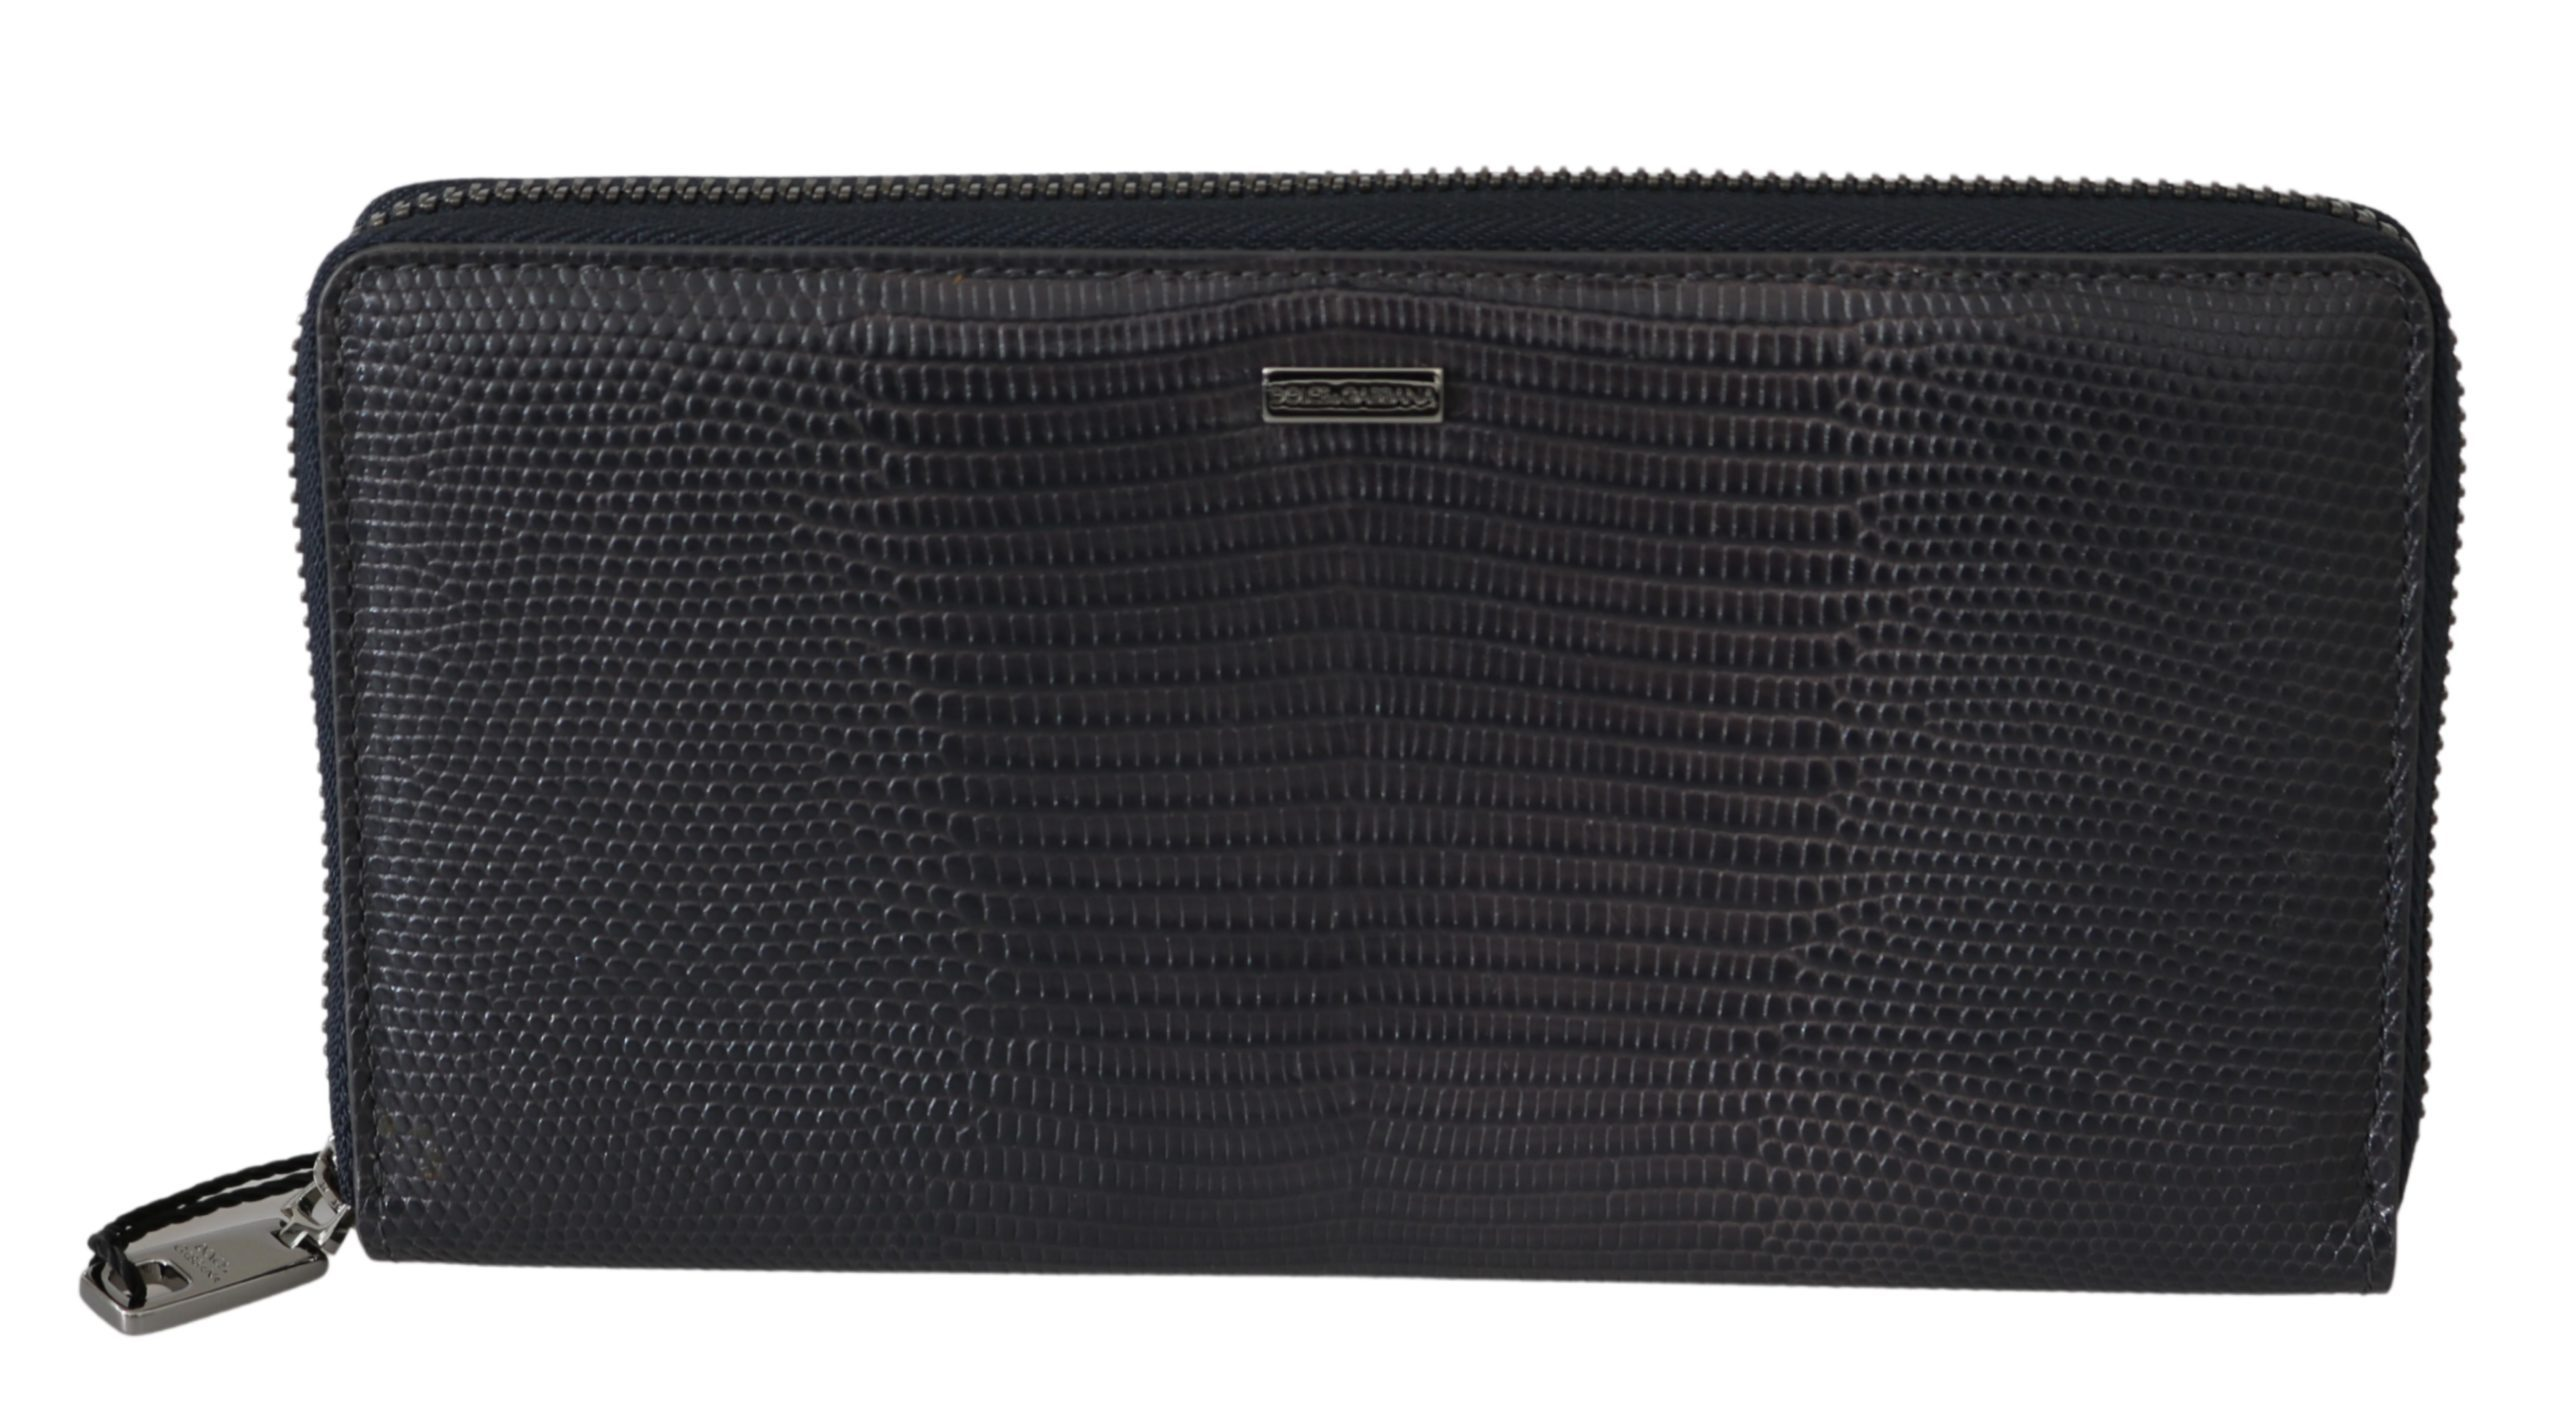 Dolce & Gabbana Men's Zip Aound Continental Wallet Black VAS9570